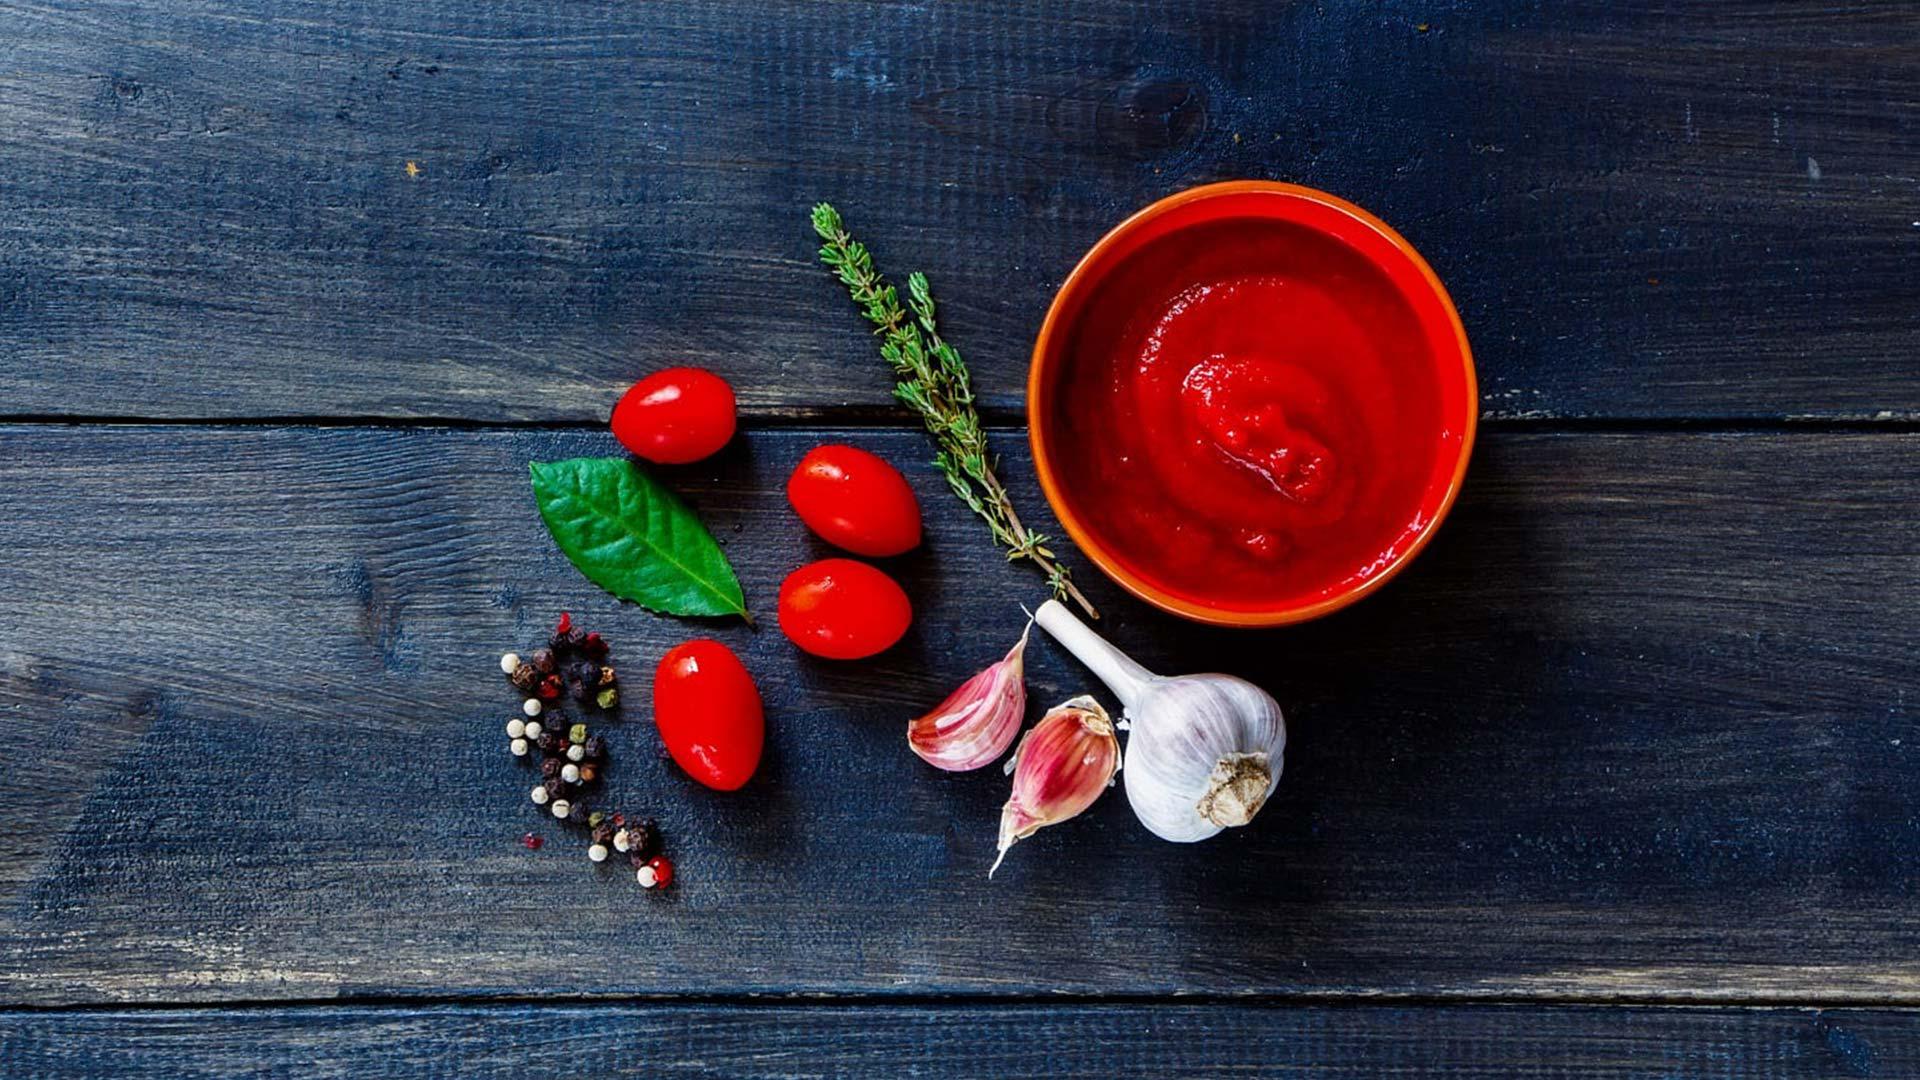 معجزه رب گوجه فرنگی در سلامت آقایان